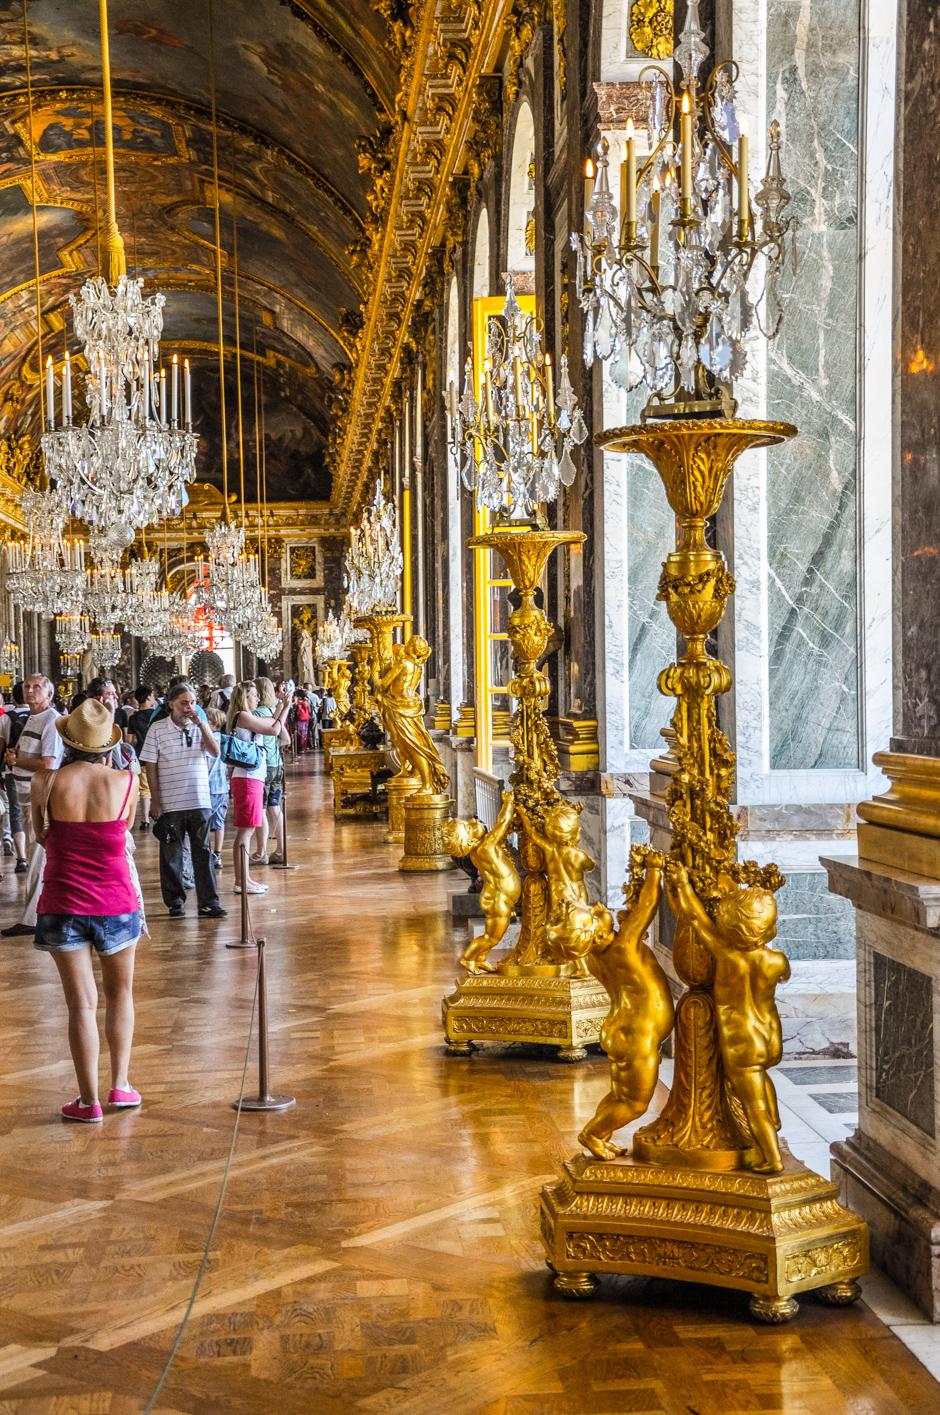 salon-espejos-palacio-versalles-francia.